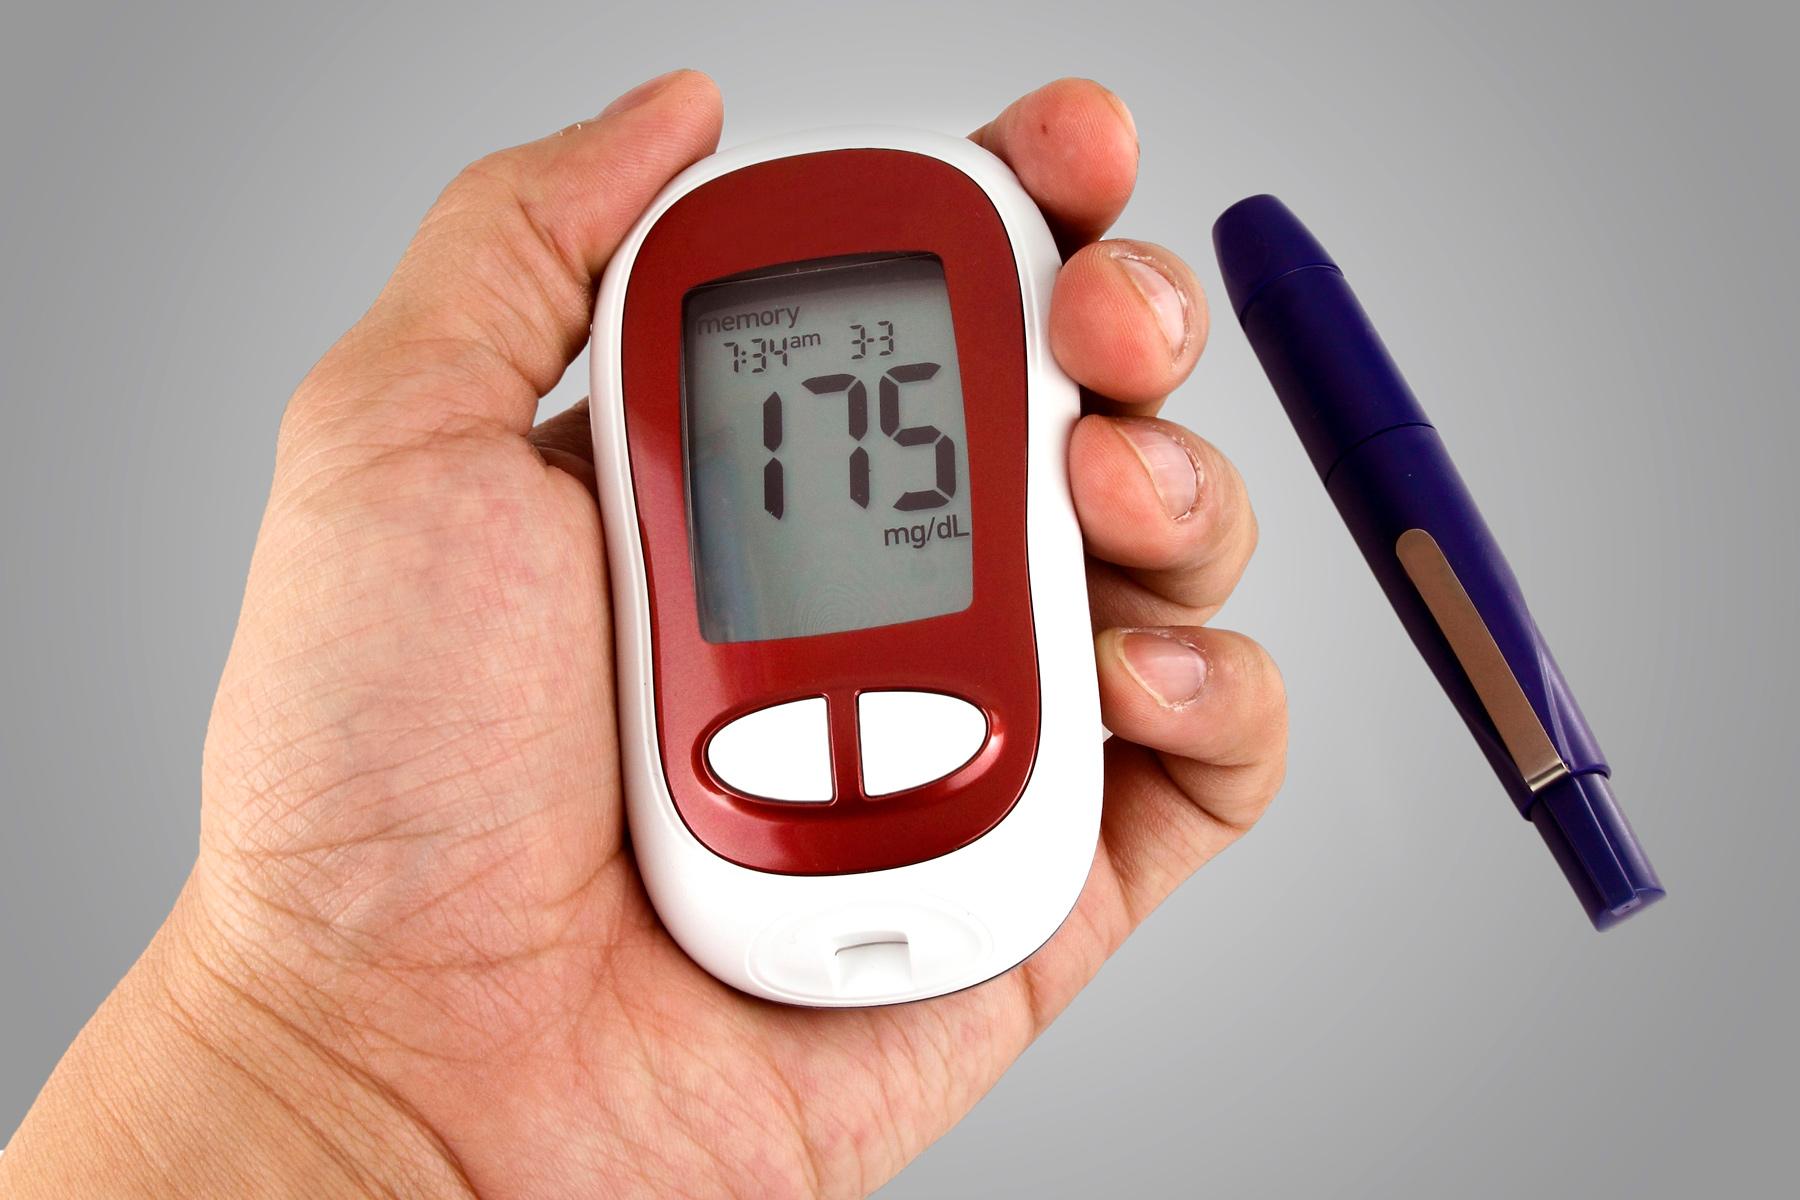 اعراض مرض السكر عديدة أبرزها فقدان الوزن بدون سبب اليوم السابع